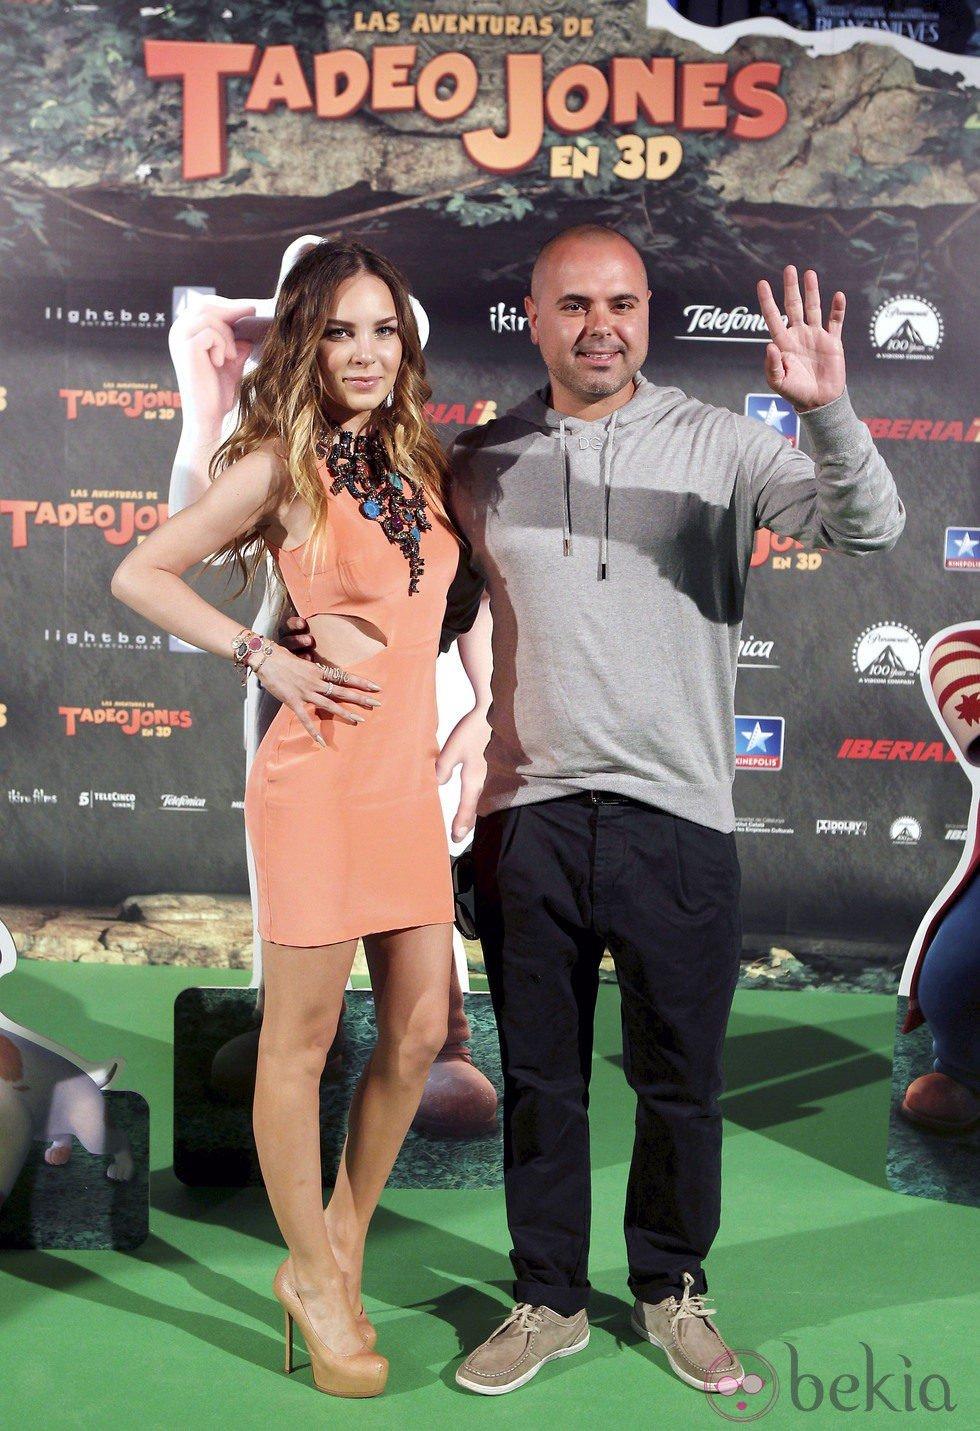 ¿Cuánto mide Juan Magán? - Altura - Página 3 26982_magan-belinda-estreno-aventuras-tadeo